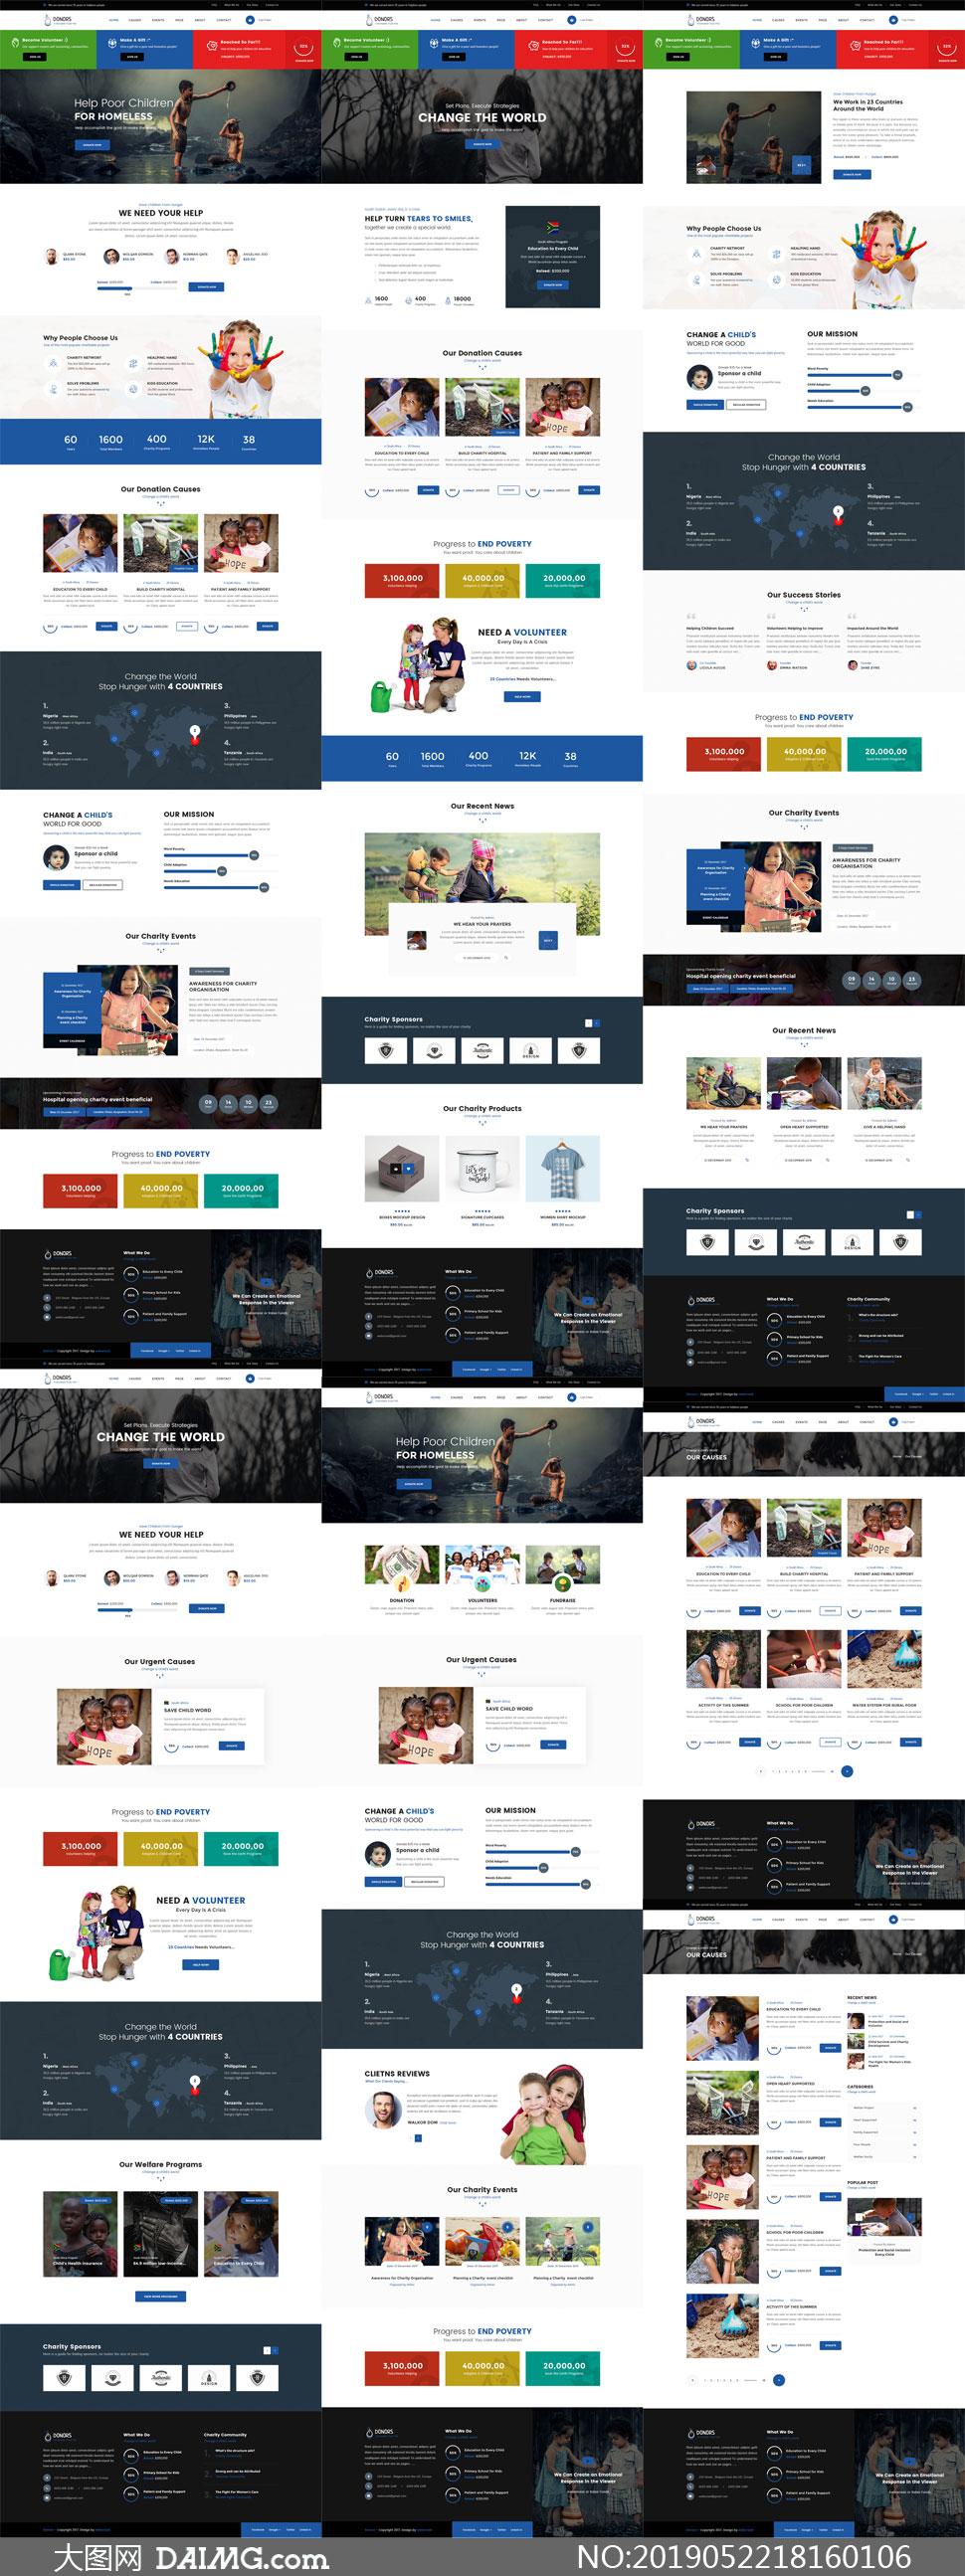 救助贫困儿童主题公益网站设计模板